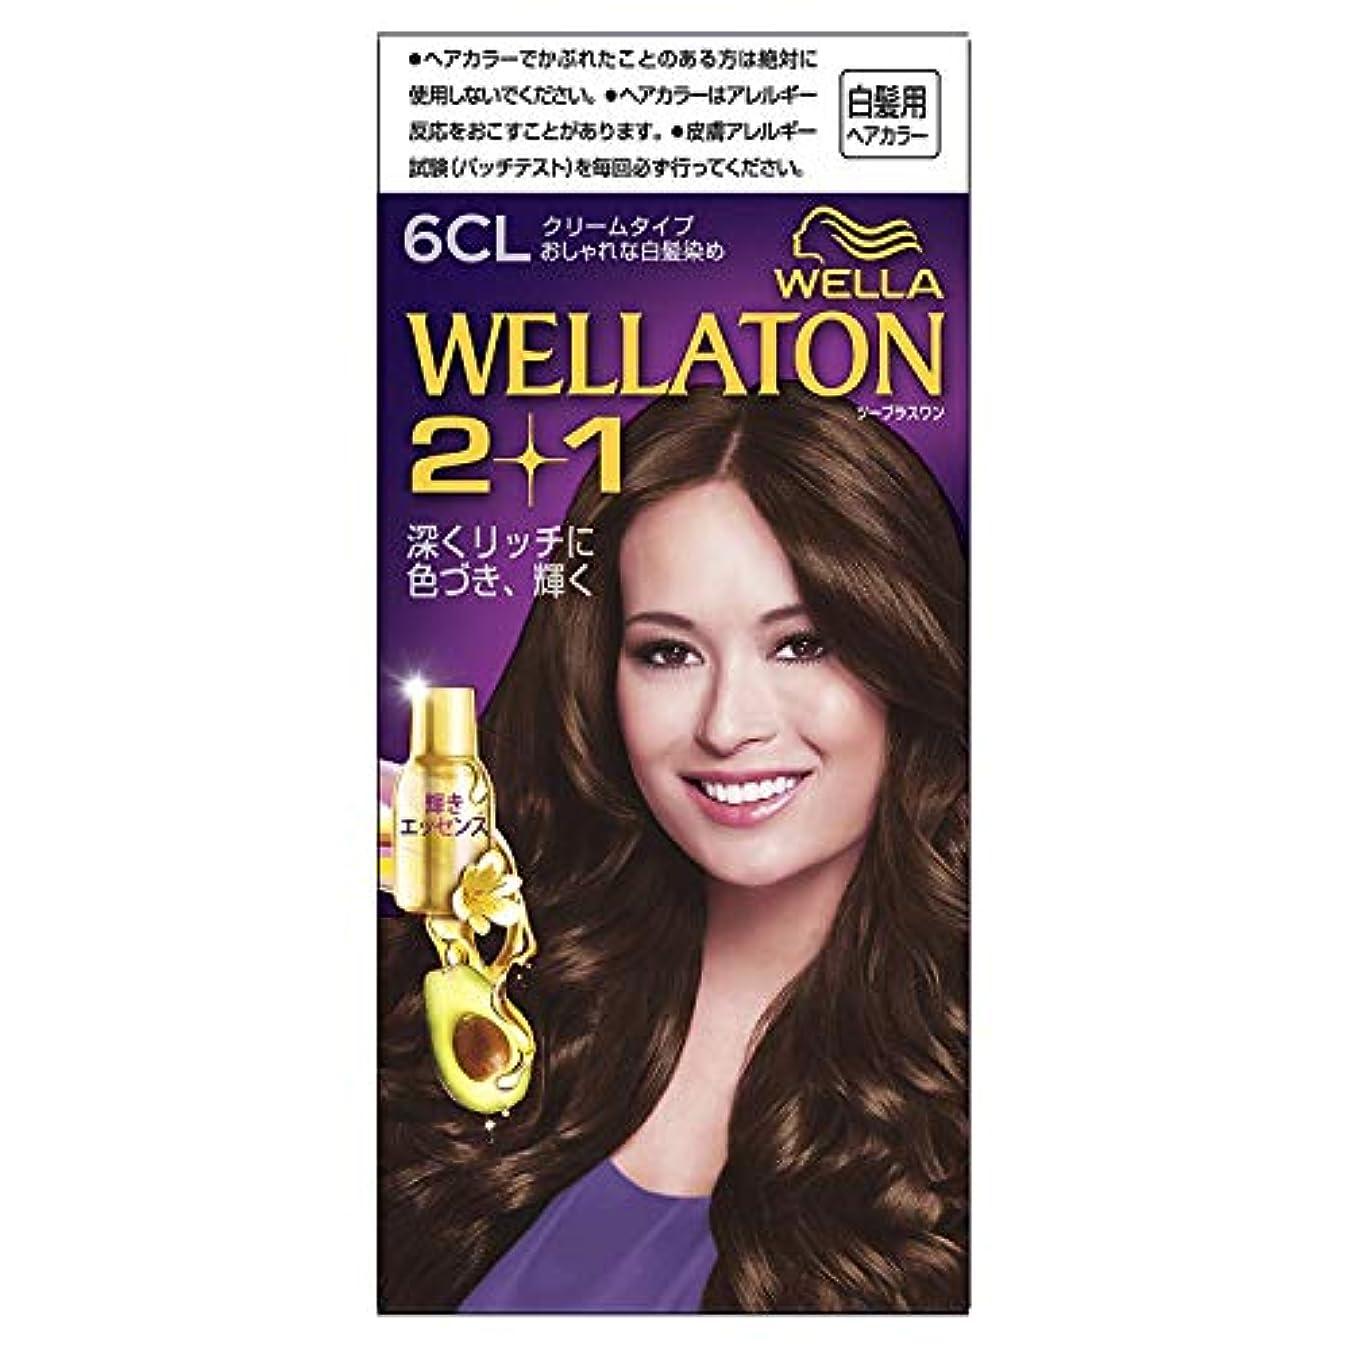 セラー硬さええウエラトーン2+1 クリームタイプ 6CL [医薬部外品]×6個